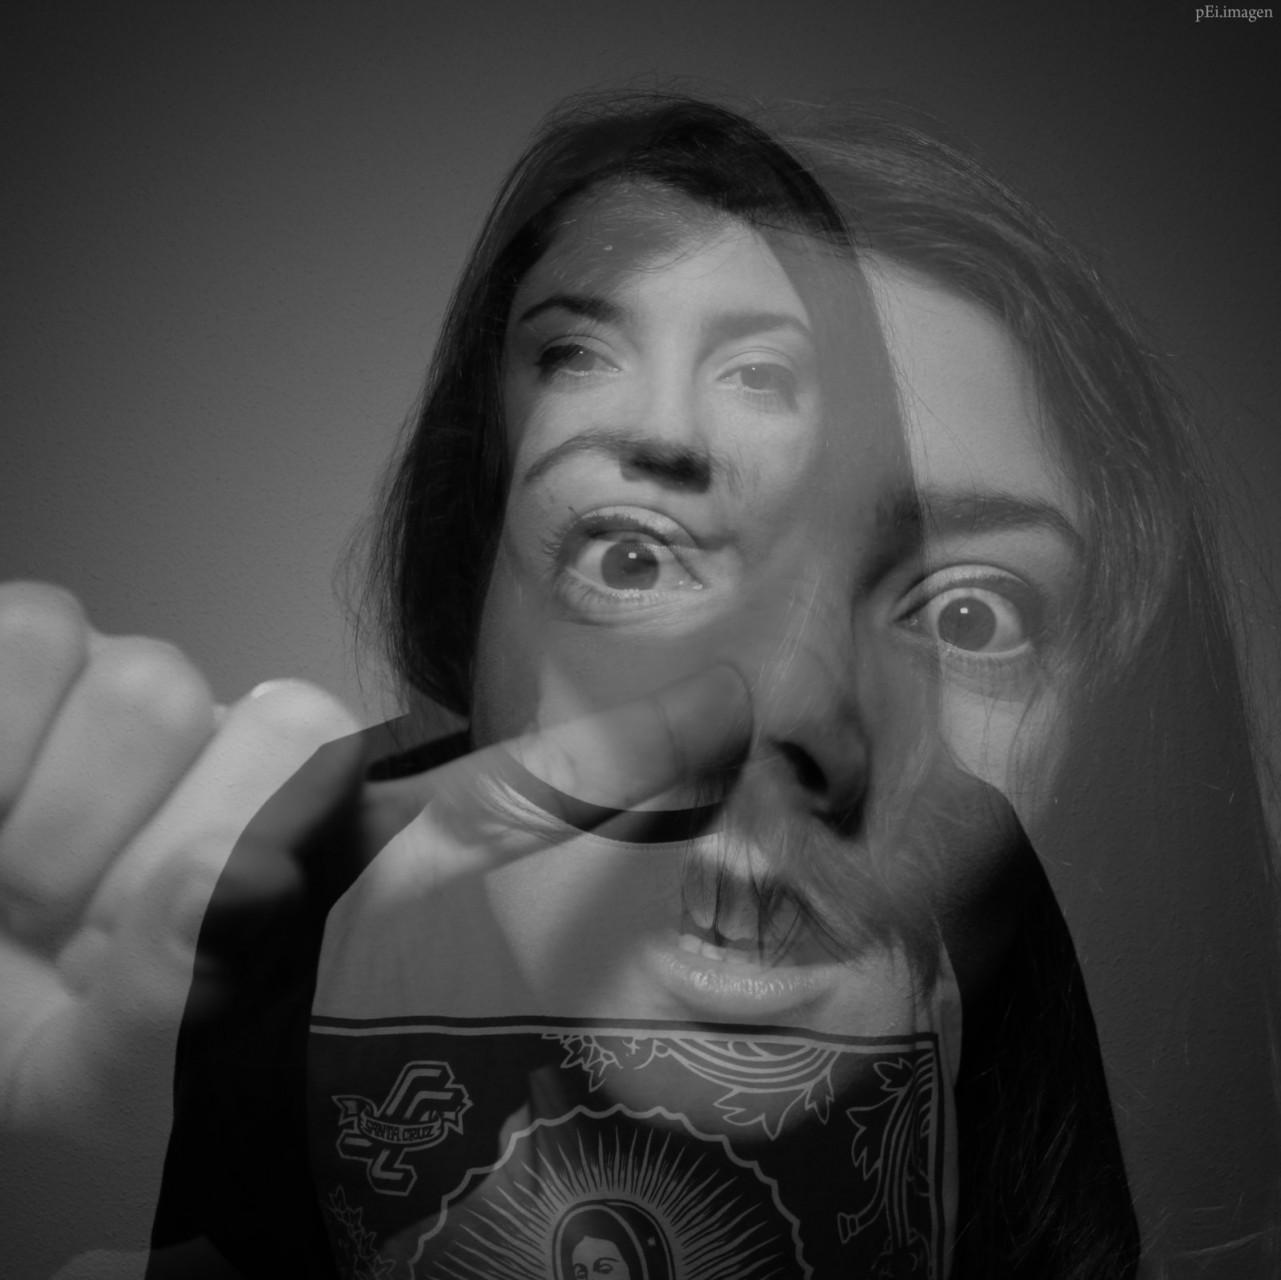 peipegata me myself I proyectos fotografia peipegatafotografia # 073 Alba P. Arribas